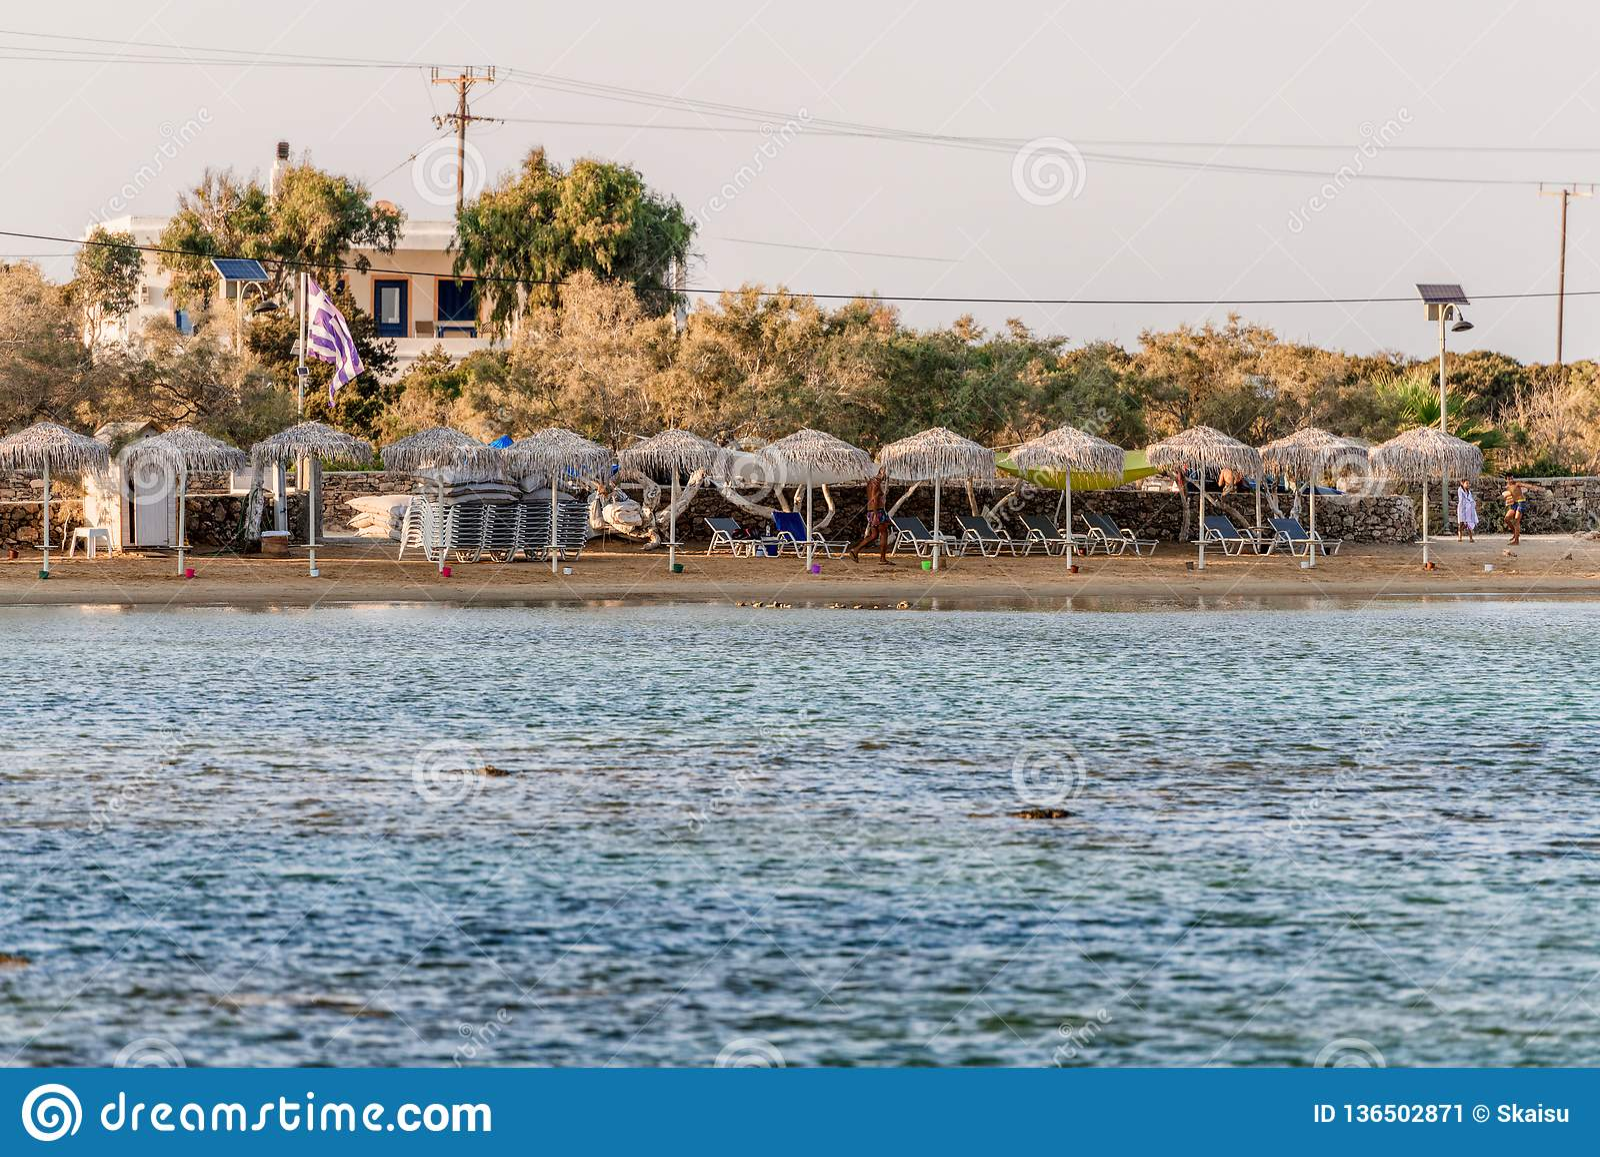 Όμορφη φύση του νησιού Antiparos της Ελλάδας με το μπλε νερό κρυστάλλου και τις καταπληκτικές απόψεις